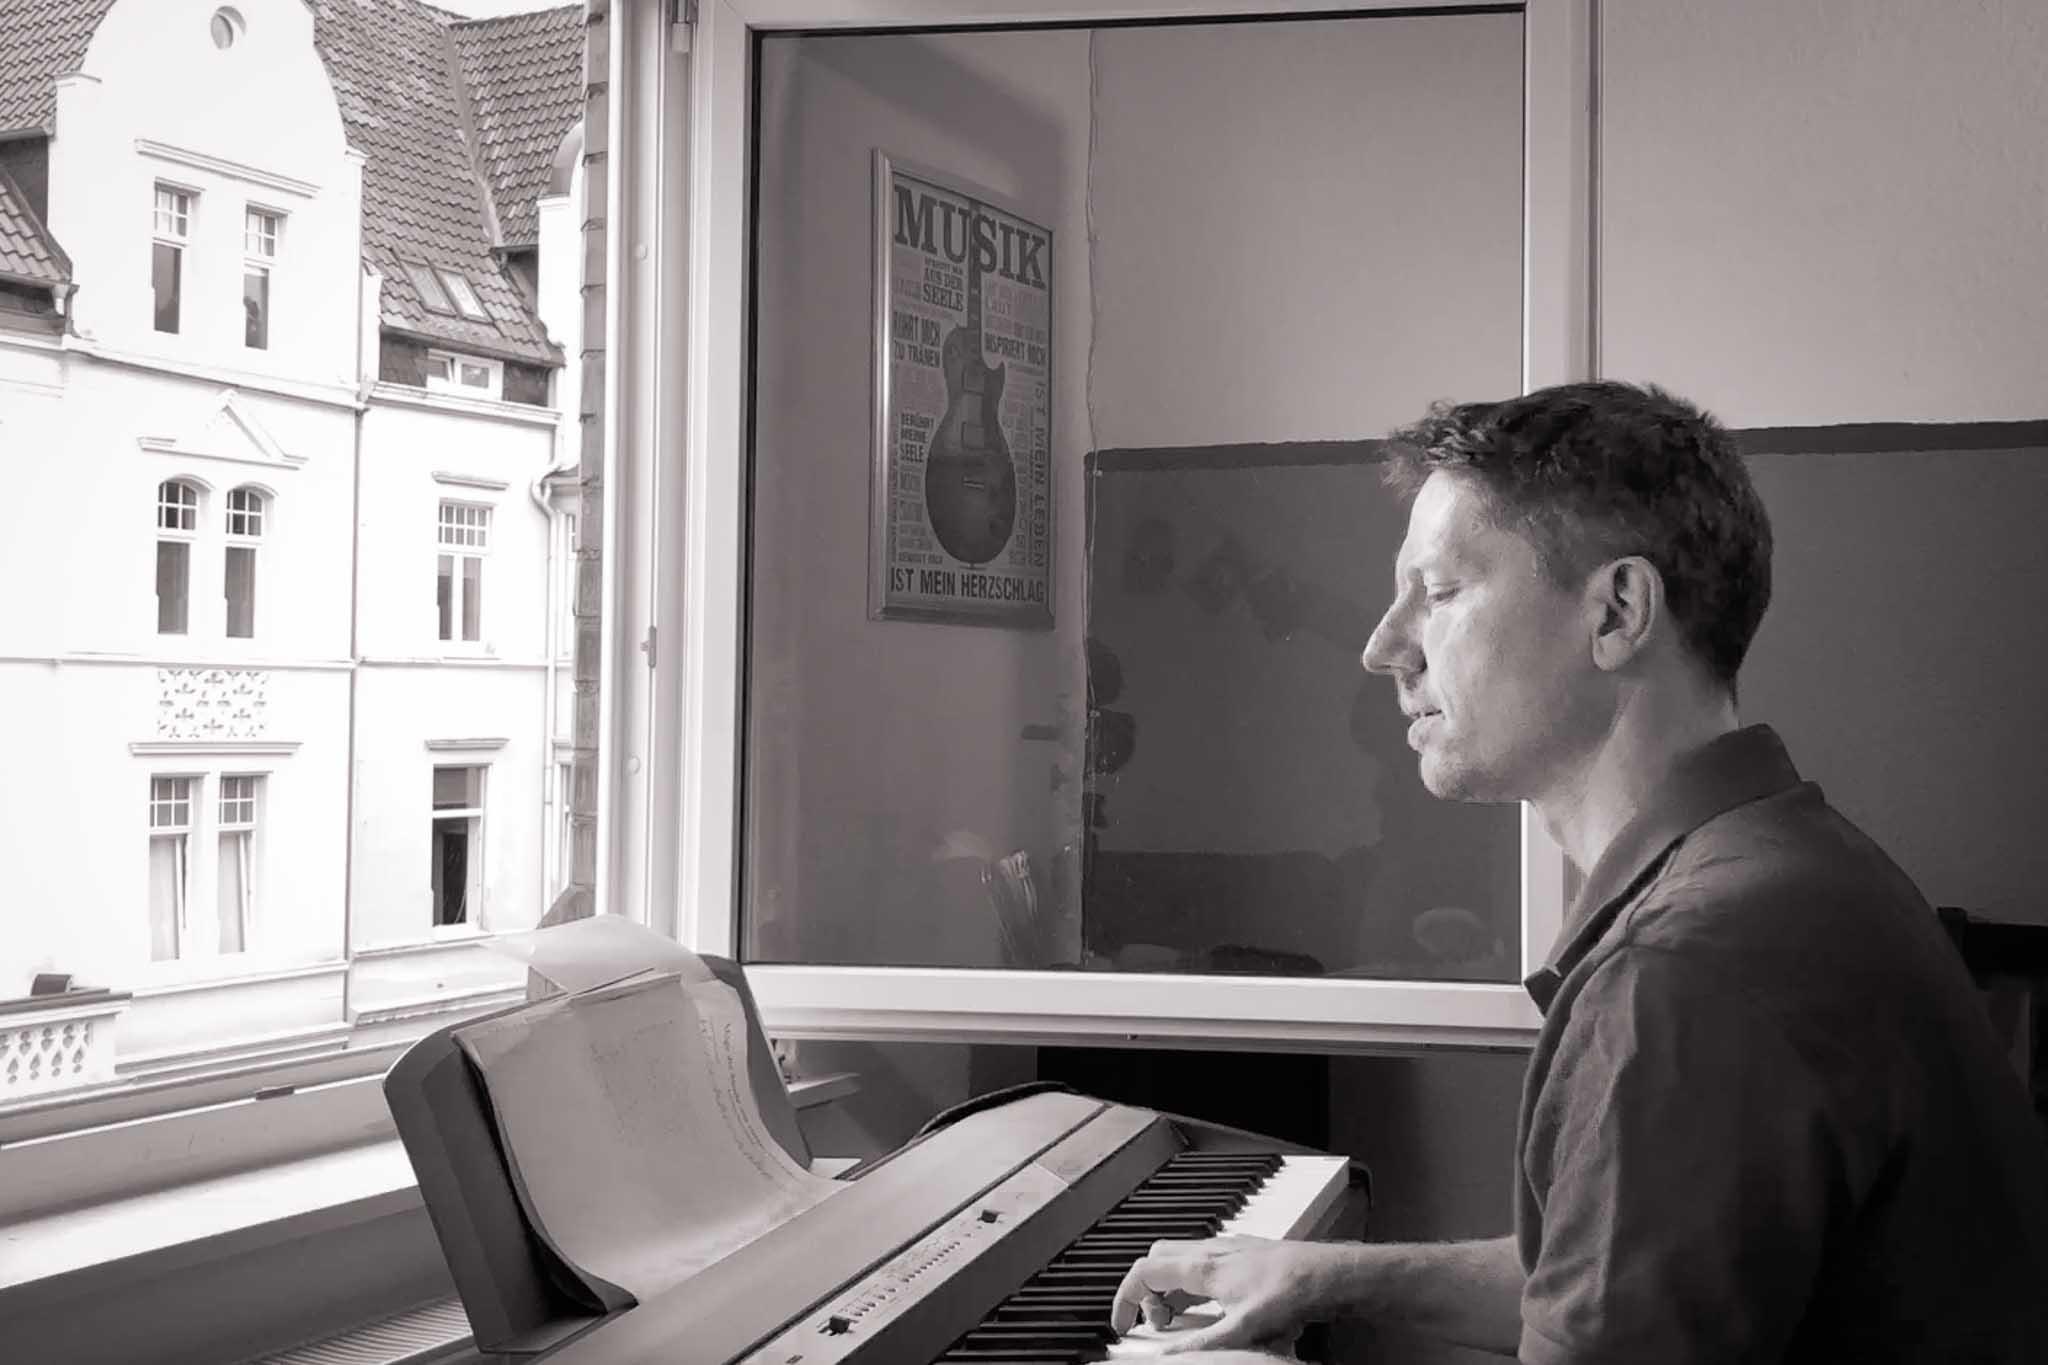 Matthias am Keyboard vorm offenen Fenster